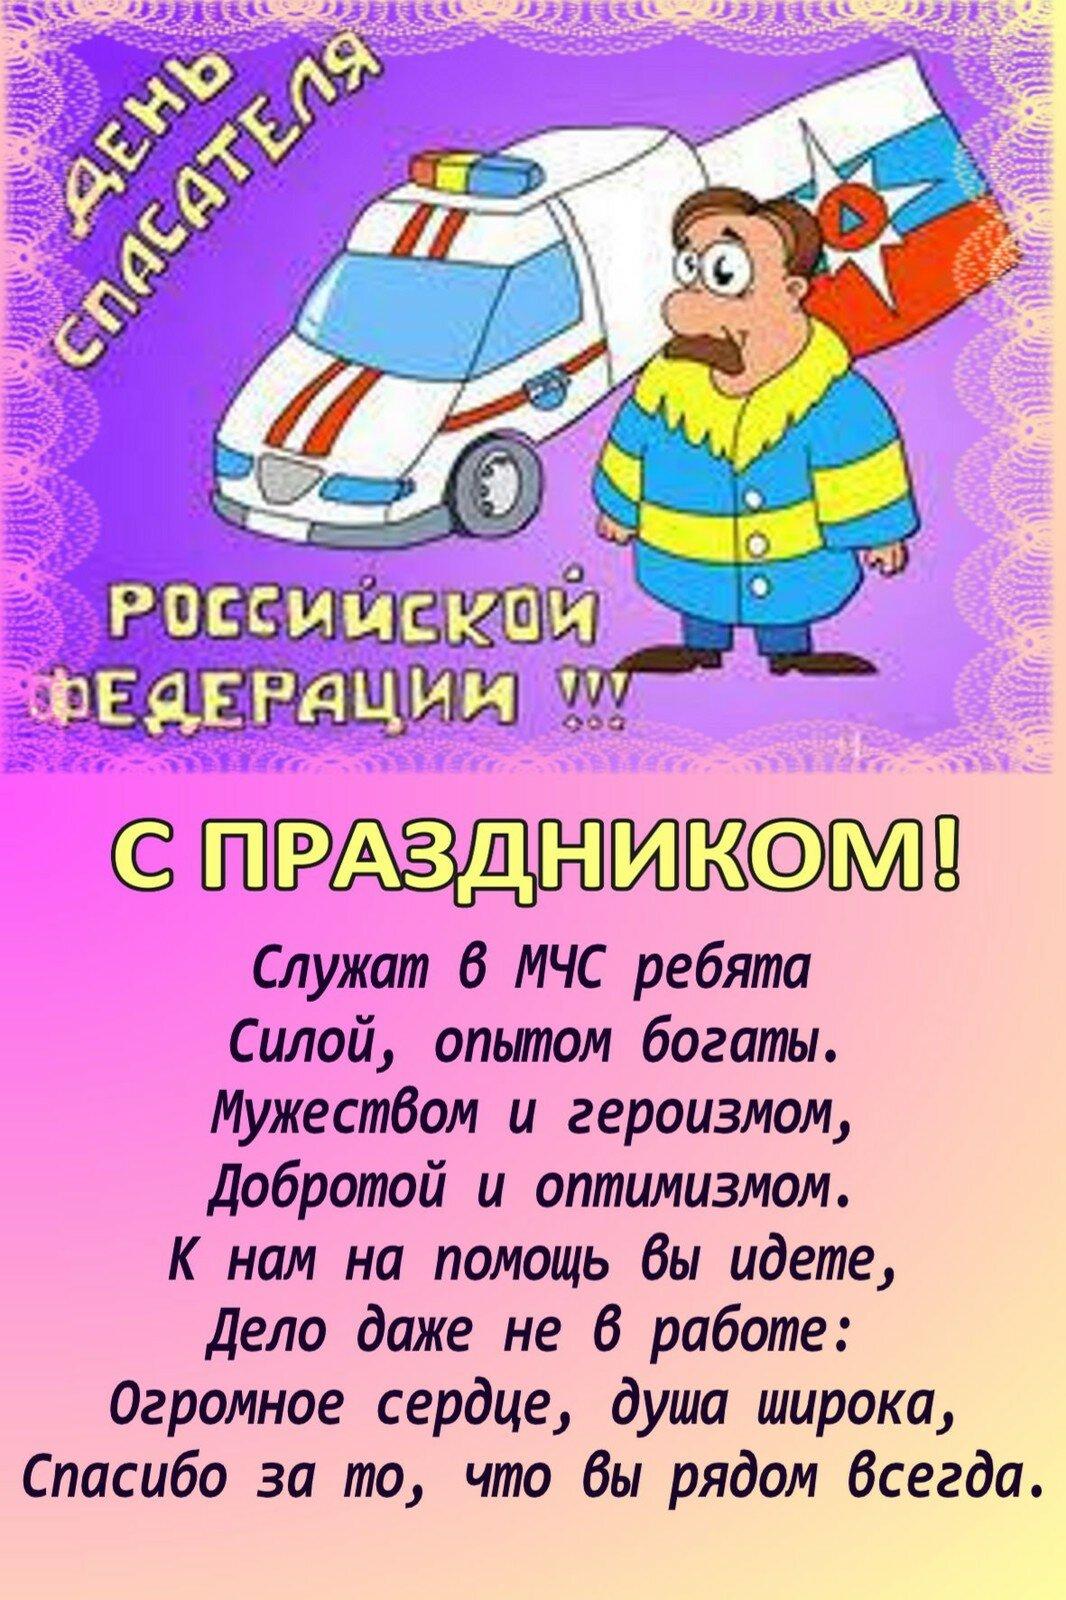 Днем спасателя открытка